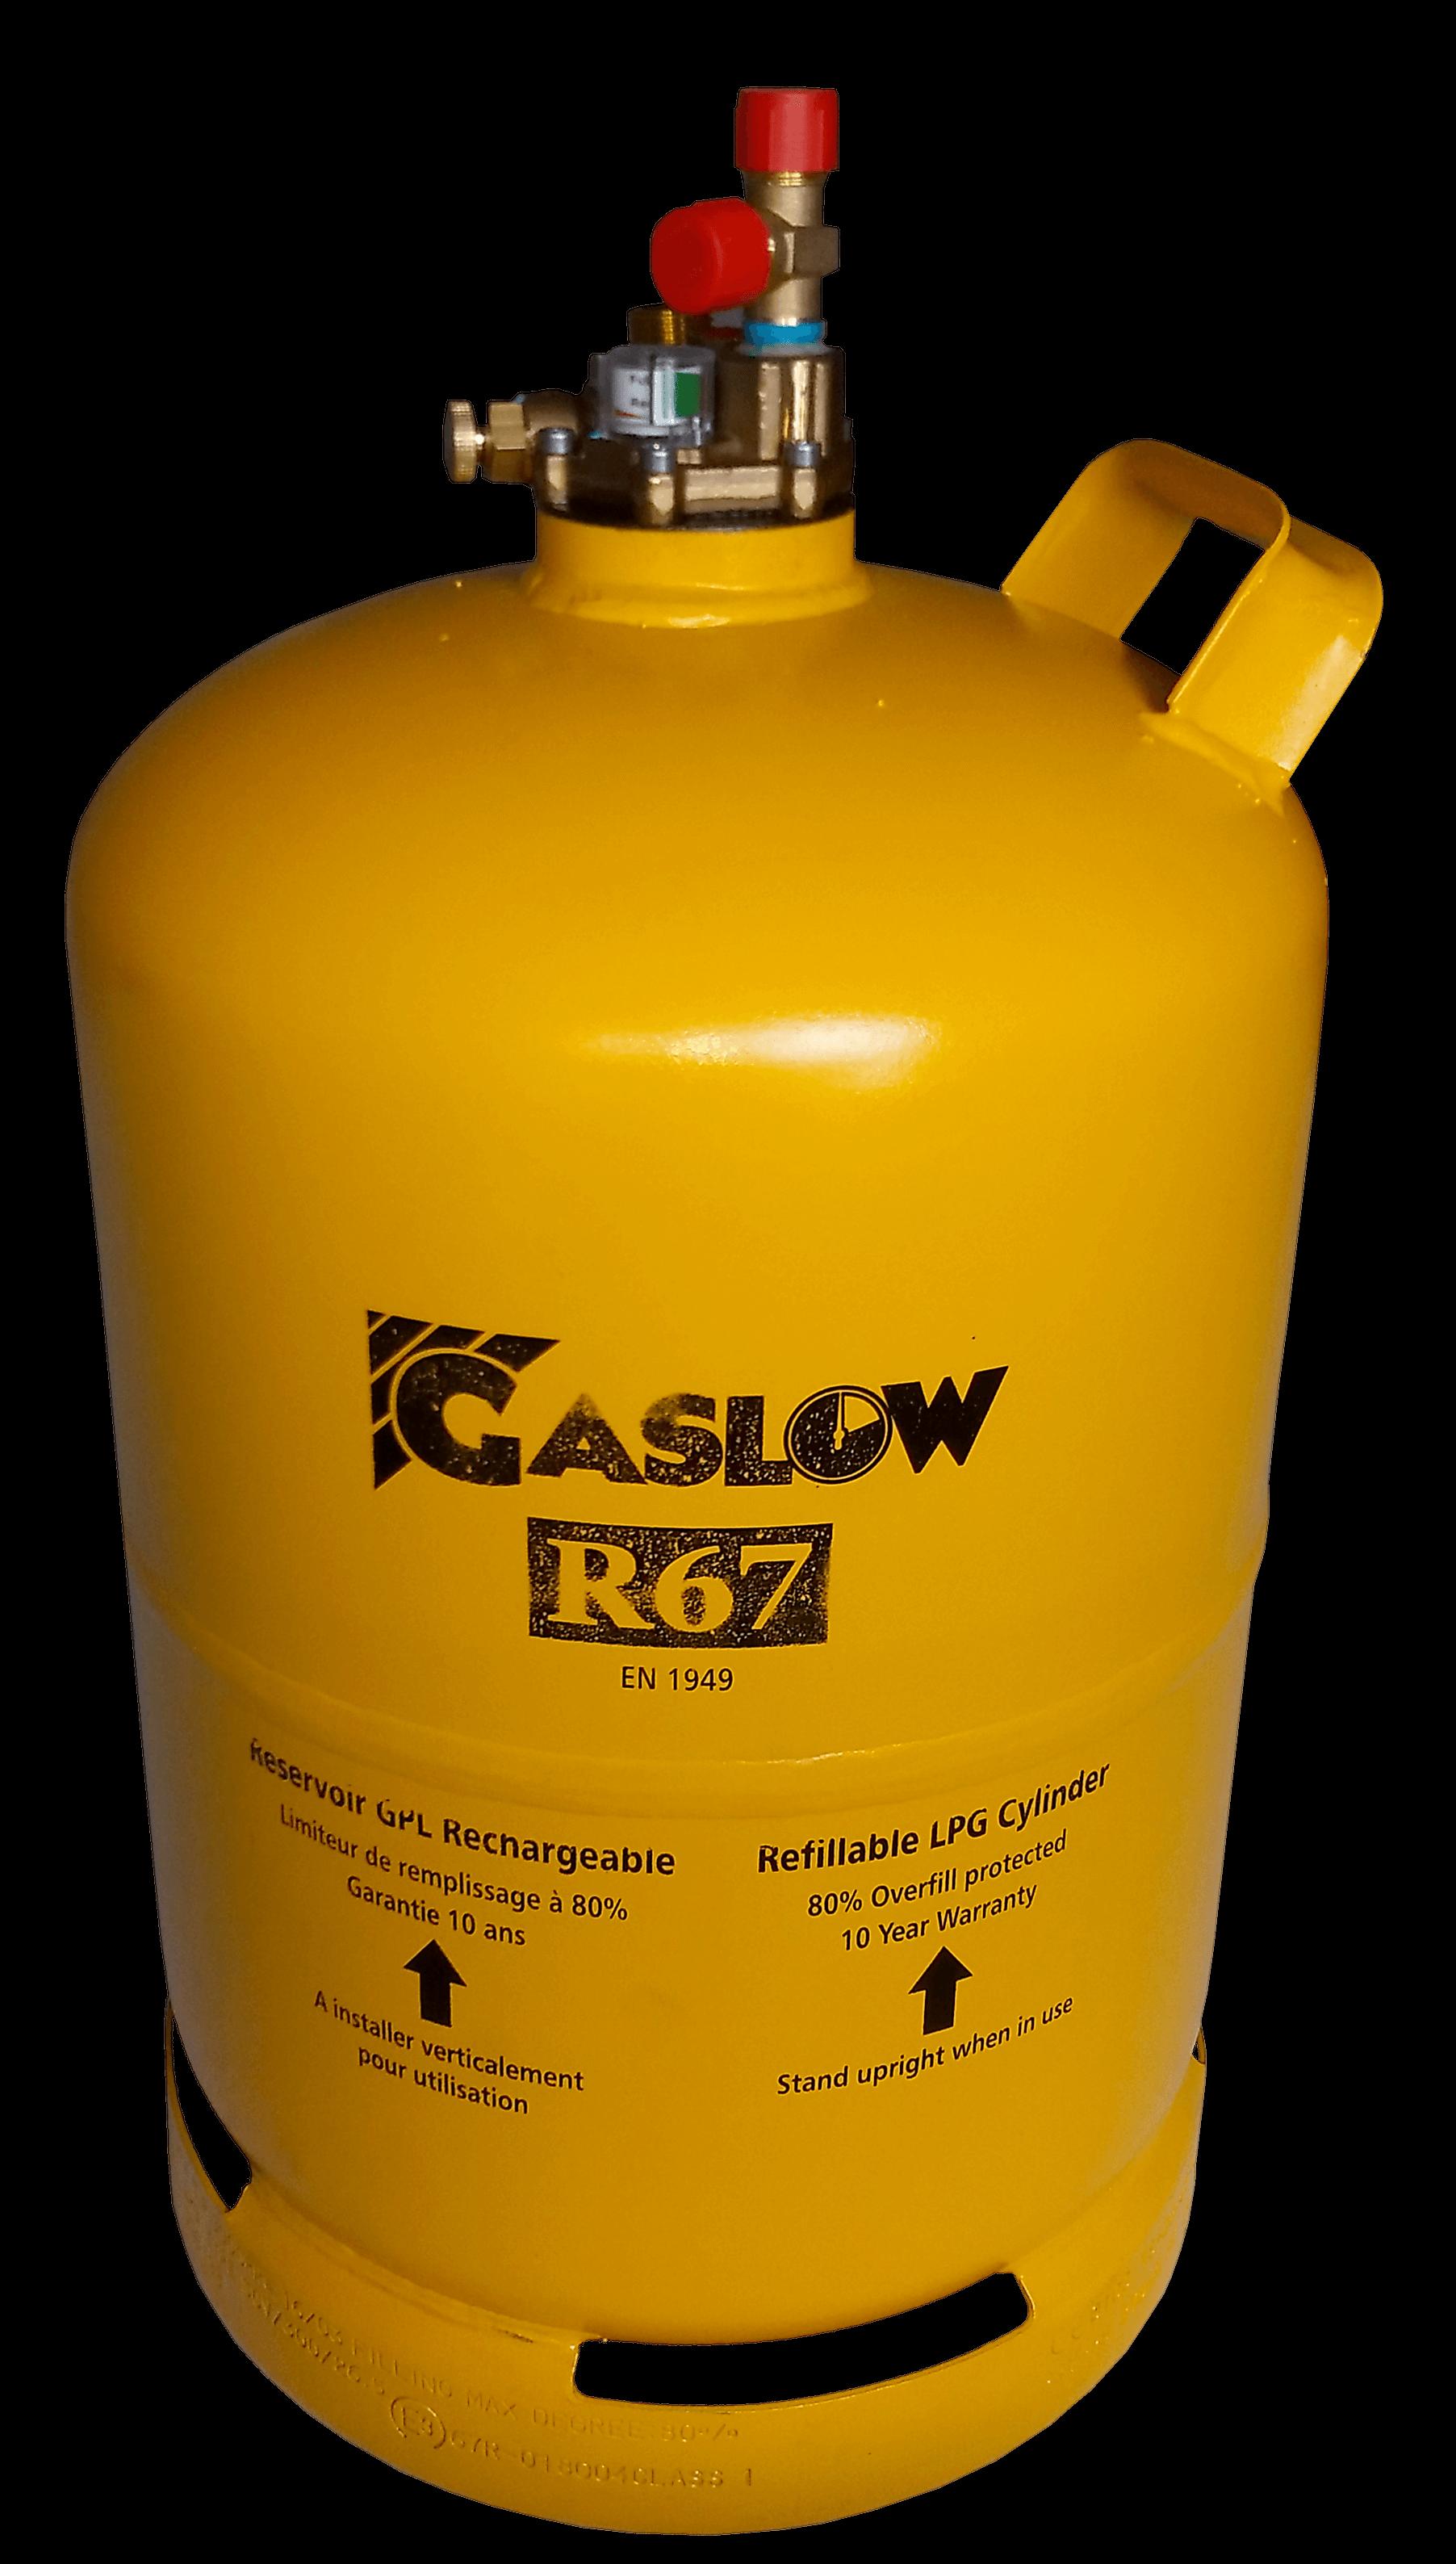 Réservoir GPL rechargeable n° Gaslow